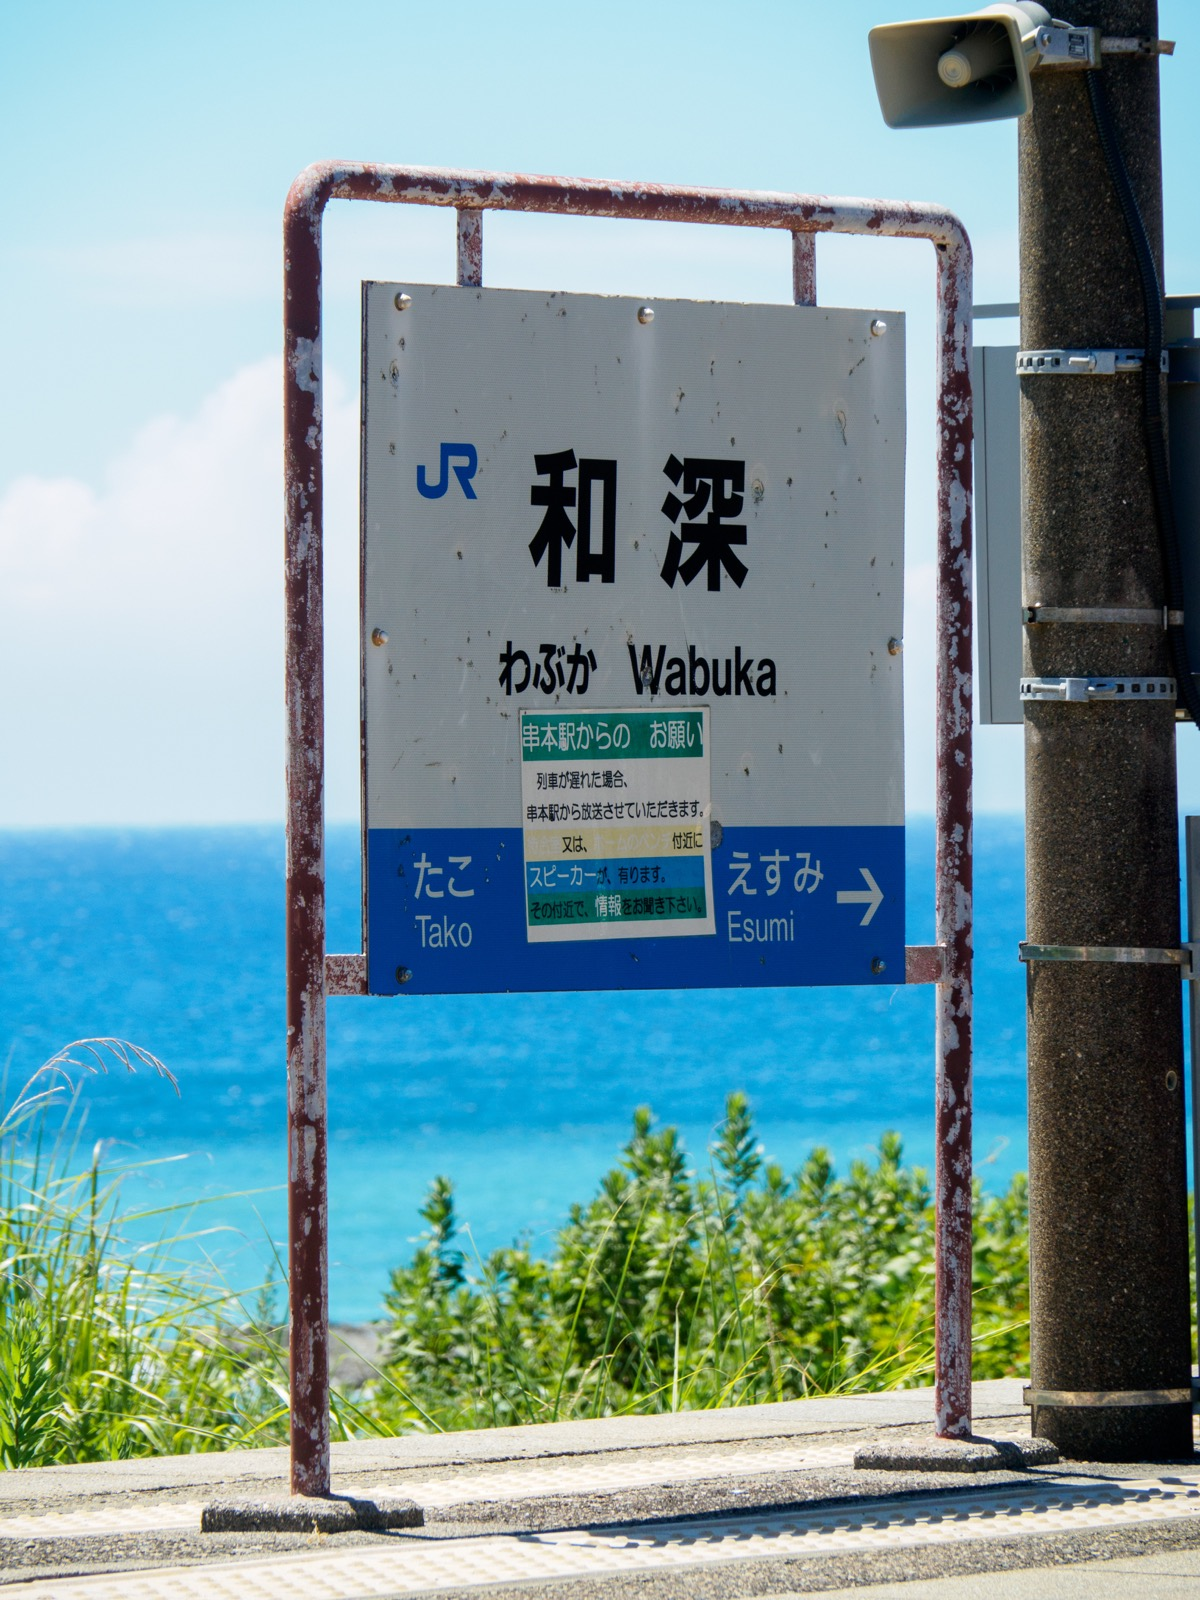 和深駅の駅名標と海(枯木灘)